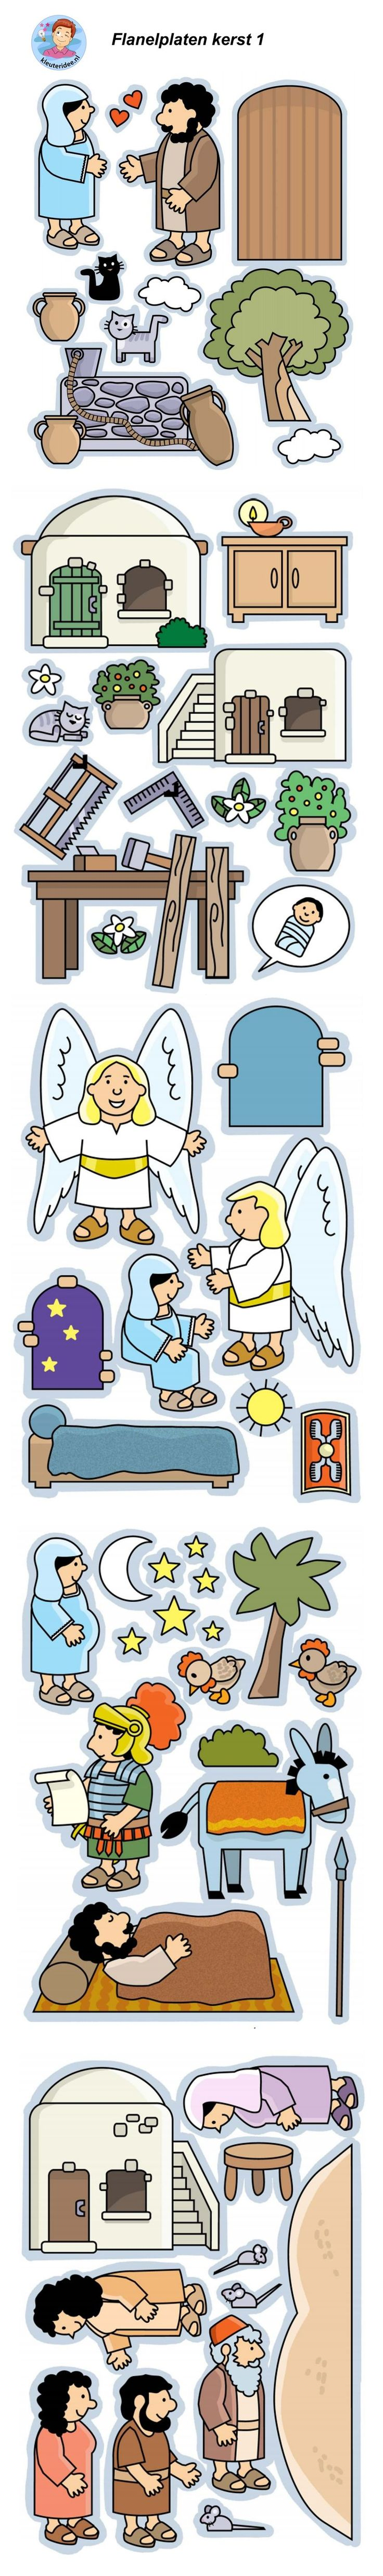 Kerst, de geboorte van Jezus, flanelplaten voor kleuters 1, kleuteridee.nl ,Christmas nativity, Flannel Bible Sheets, free printable